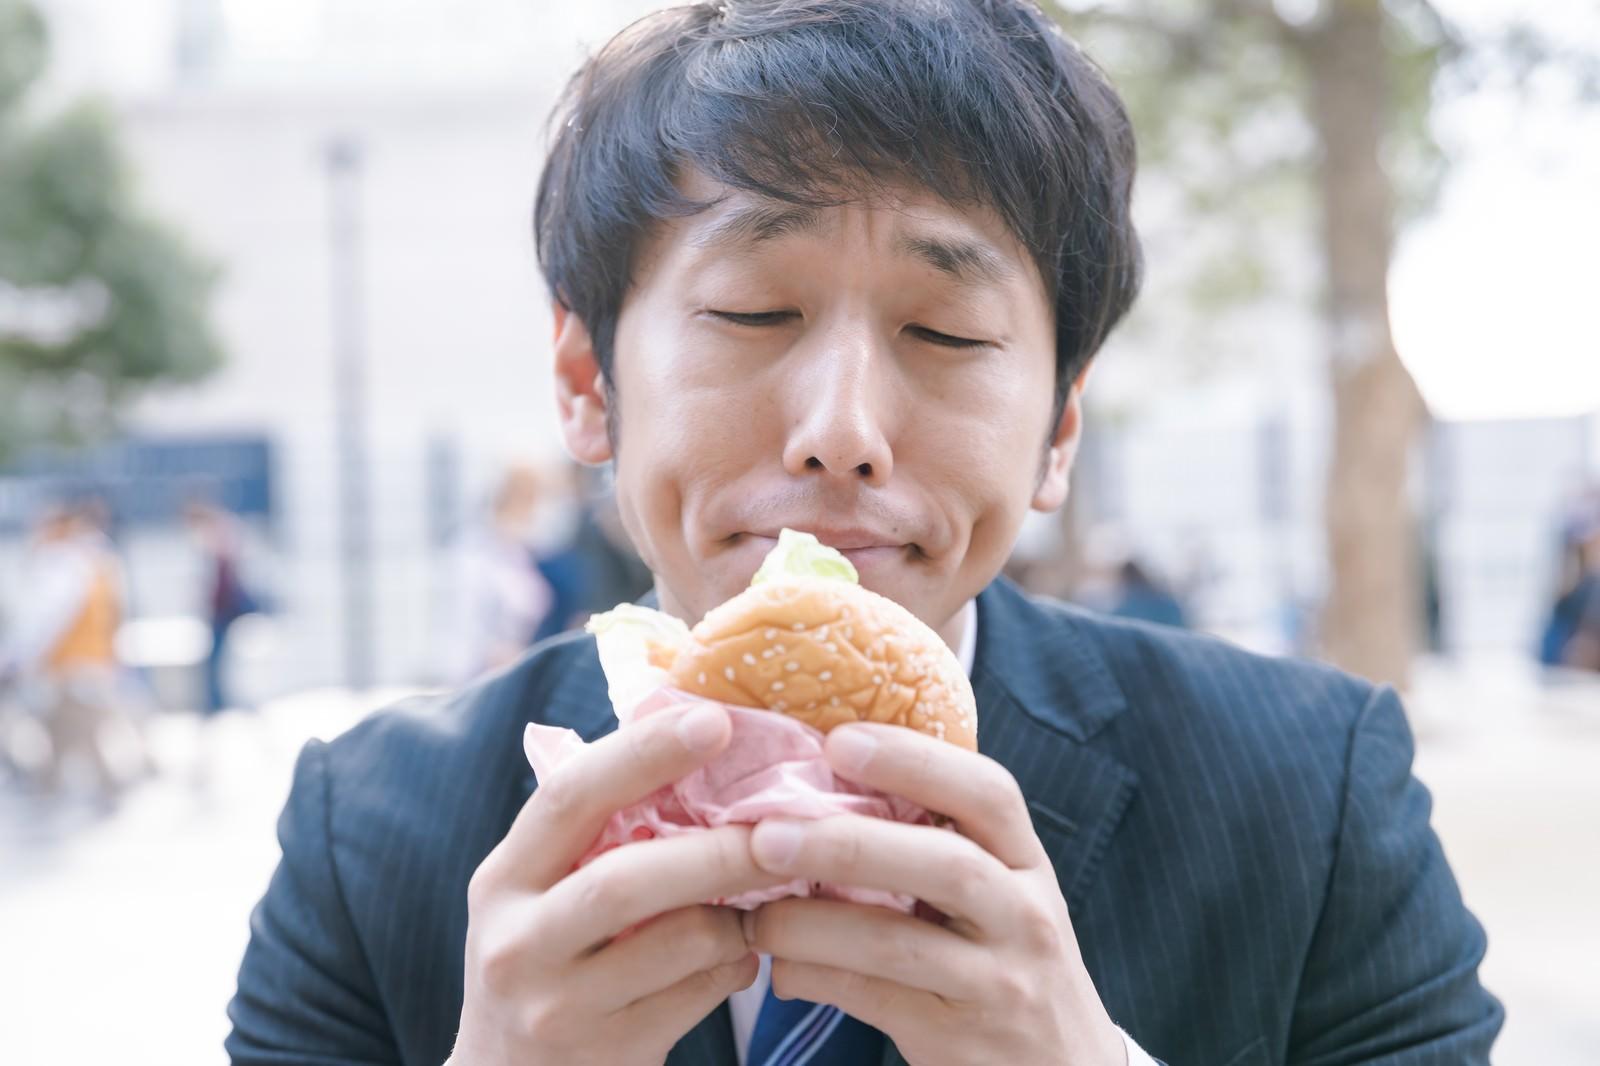 「ジャンクフード大好きっ子」の写真[モデル:大川竜弥]